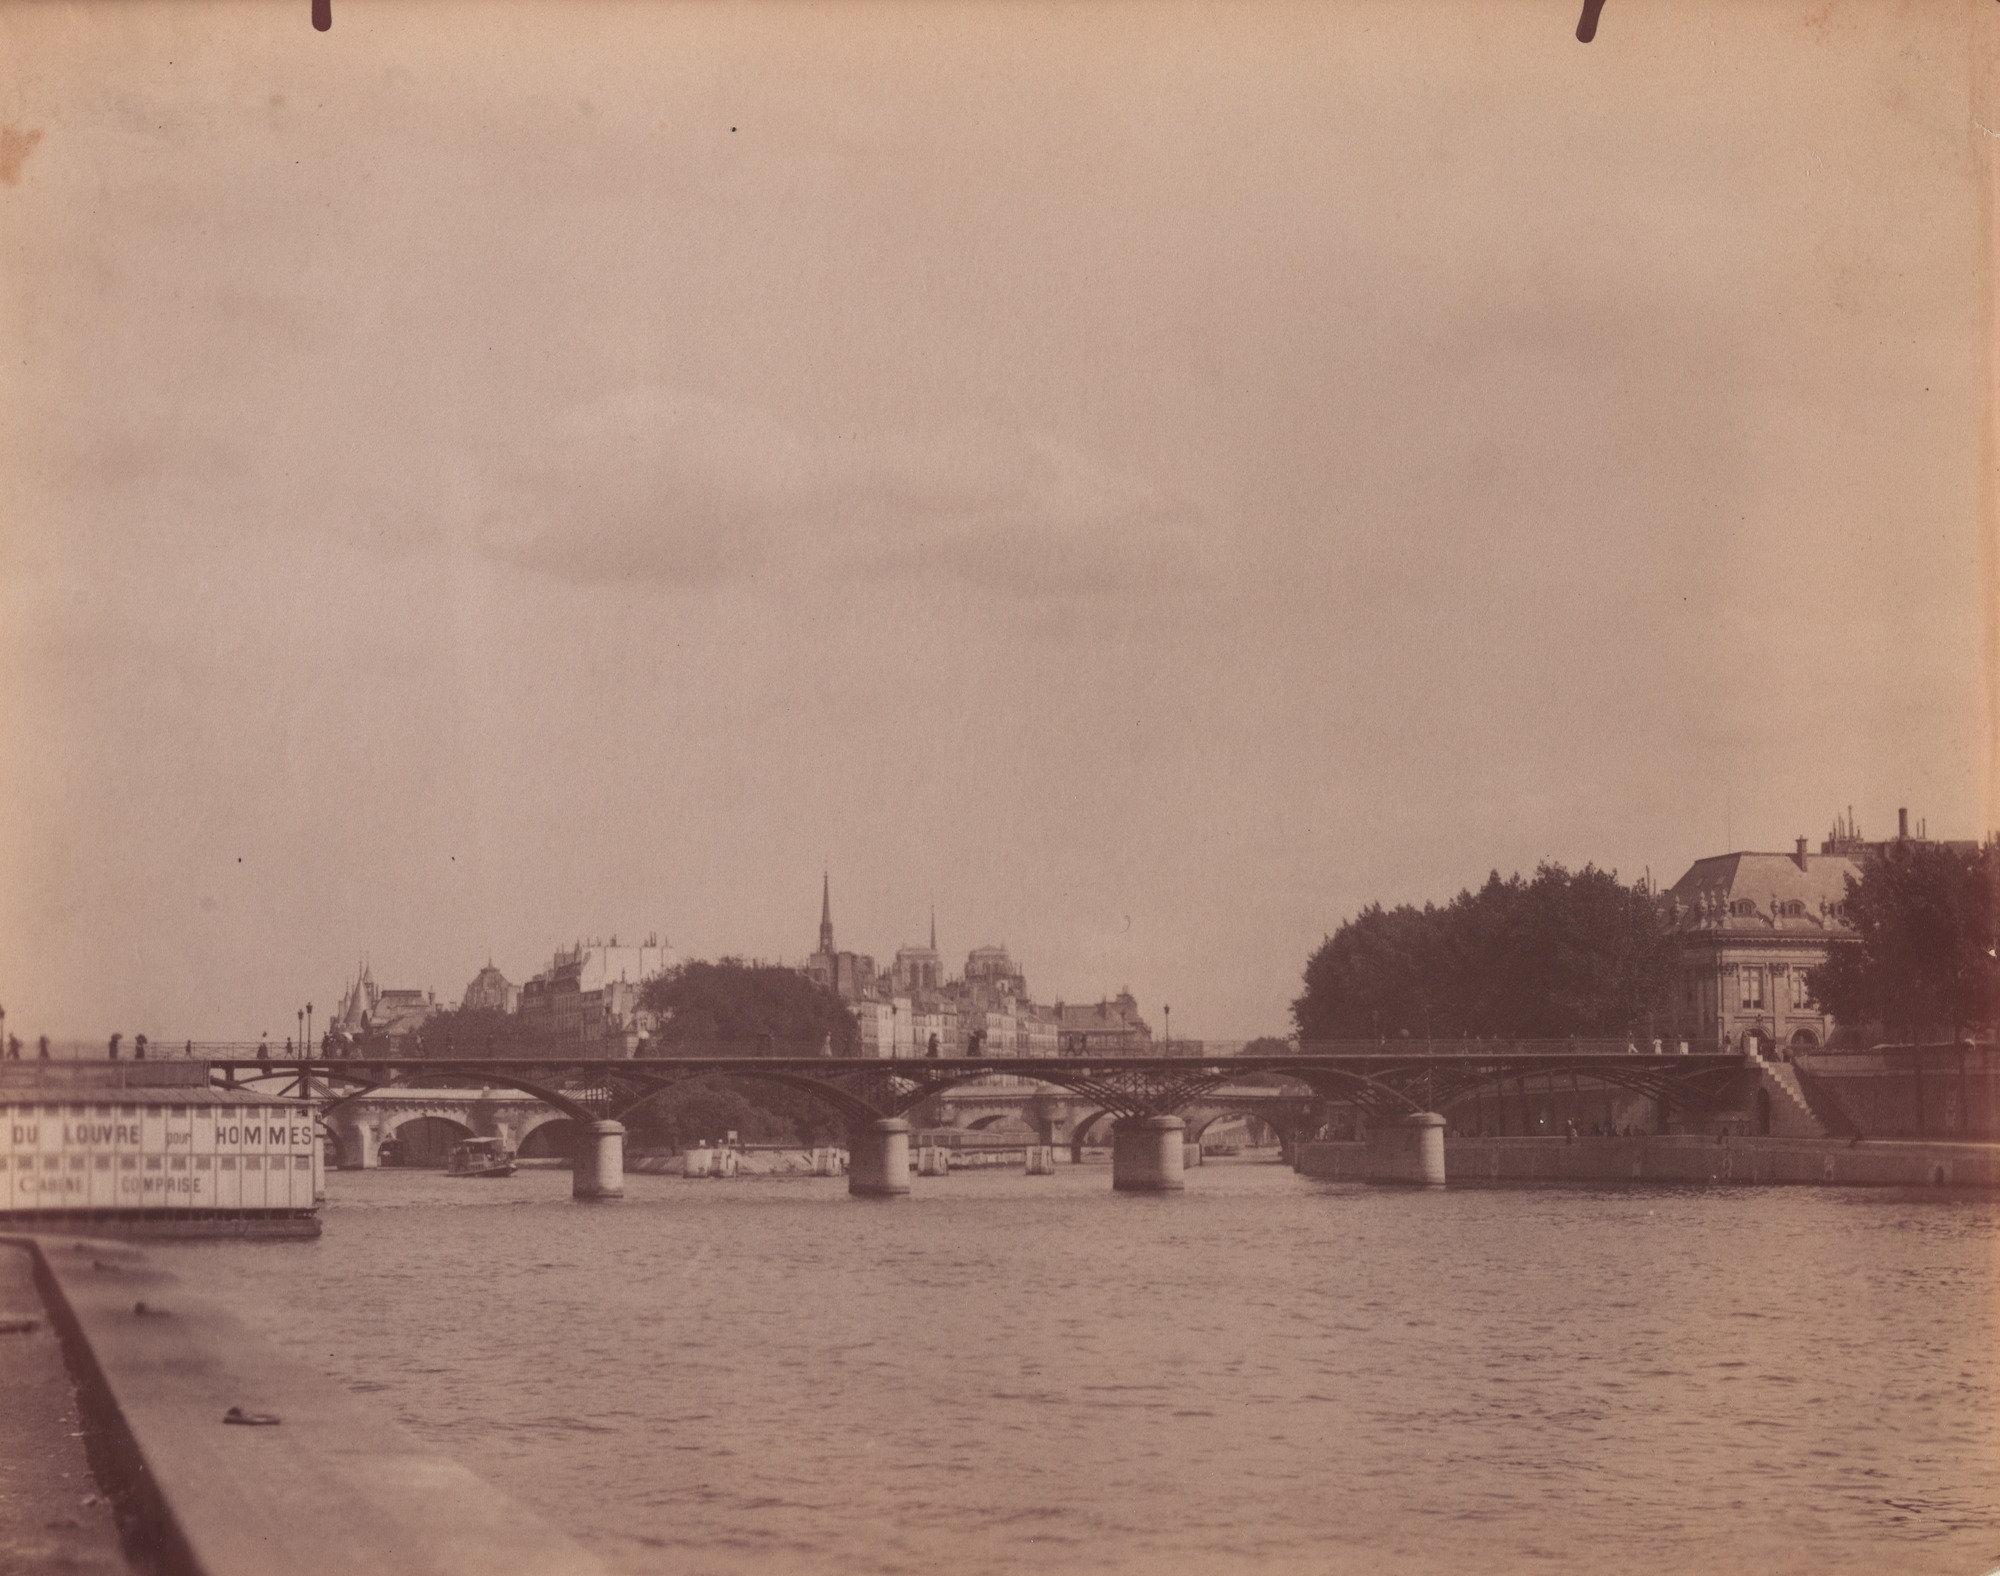 Eugène Atget, Untitled [View of the Seine and the Ile de la Cité]. 1899   Source:  Lien